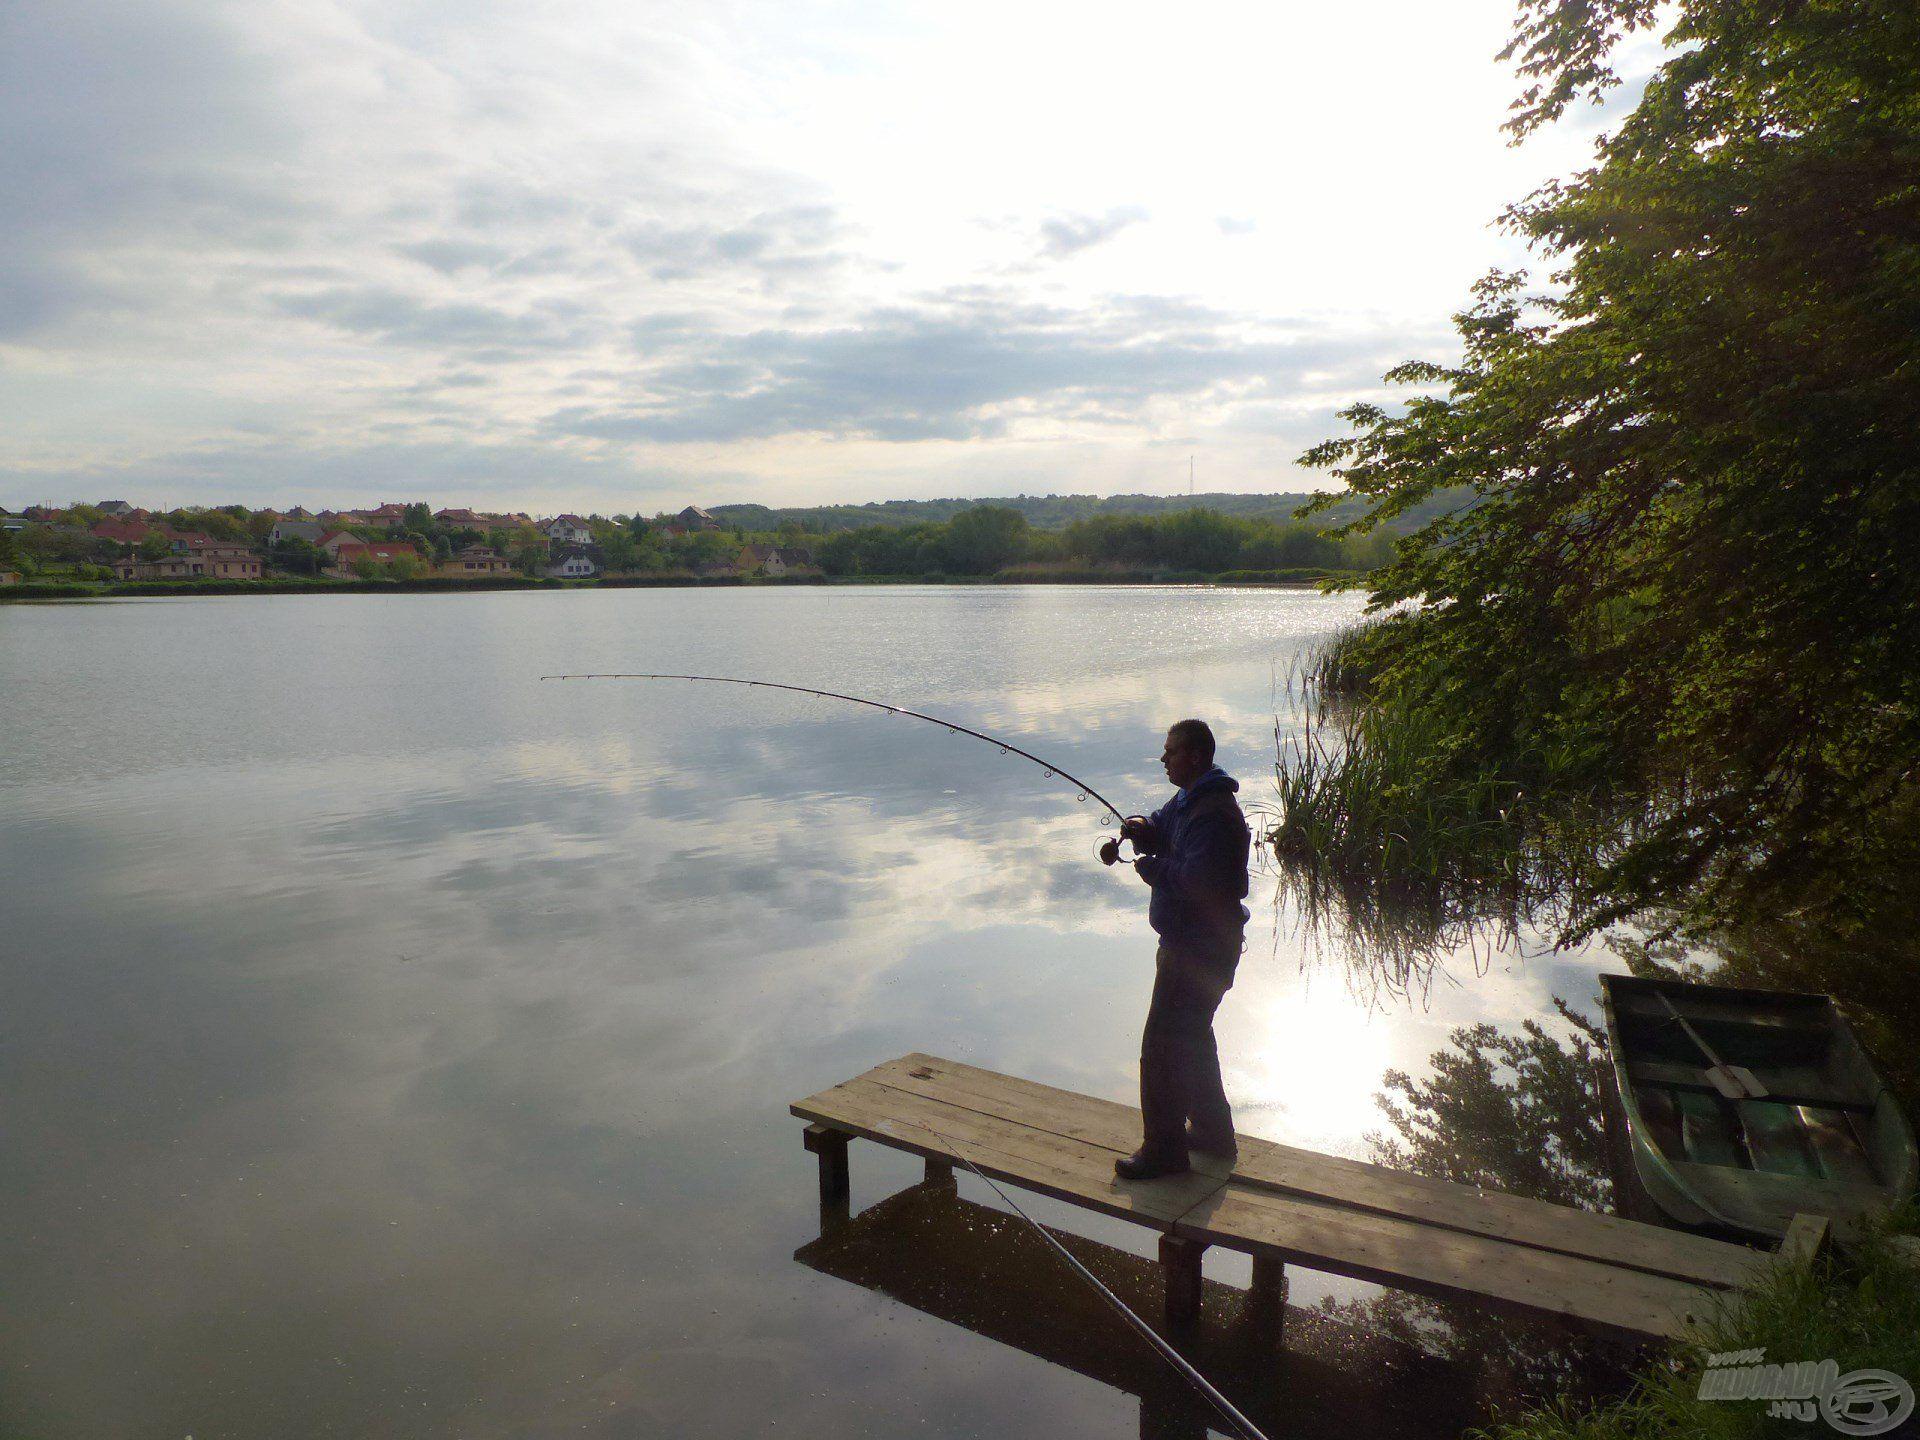 A délelőtti órákban, már pakolás közben jött a túra utolsó hala…